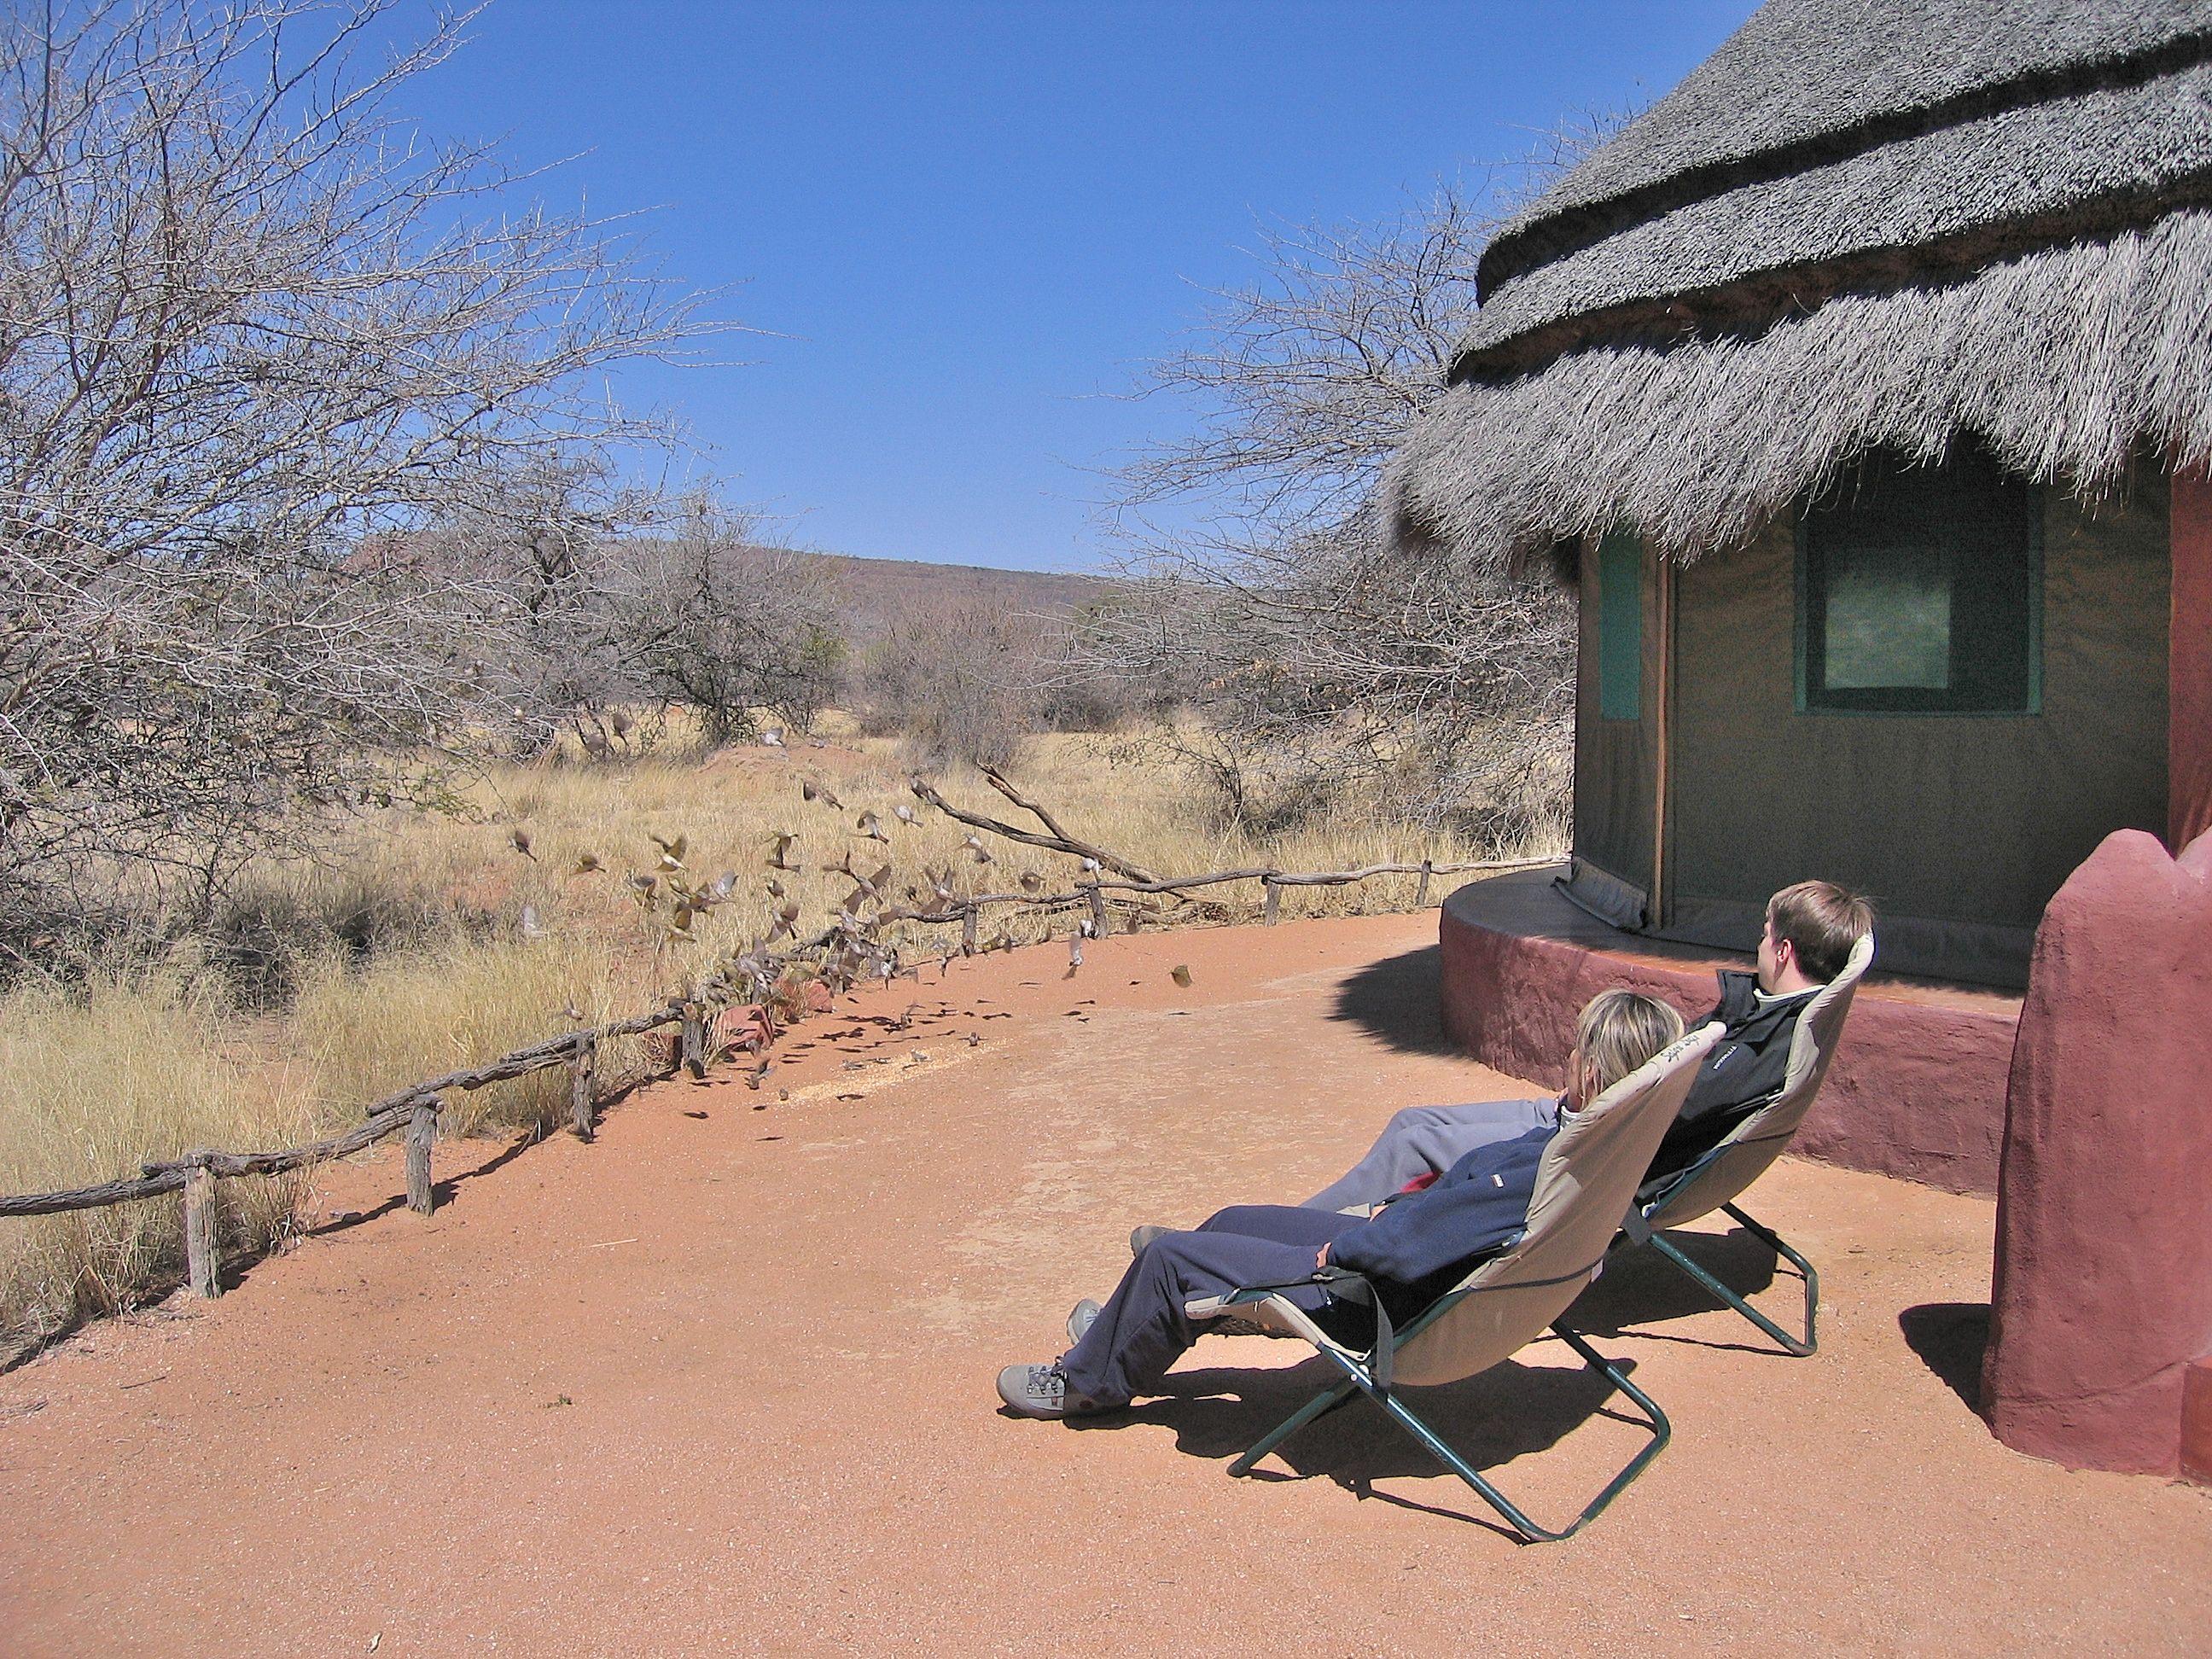 siti di incontri a Windhoek consigli di incontri per ragazzi solitari